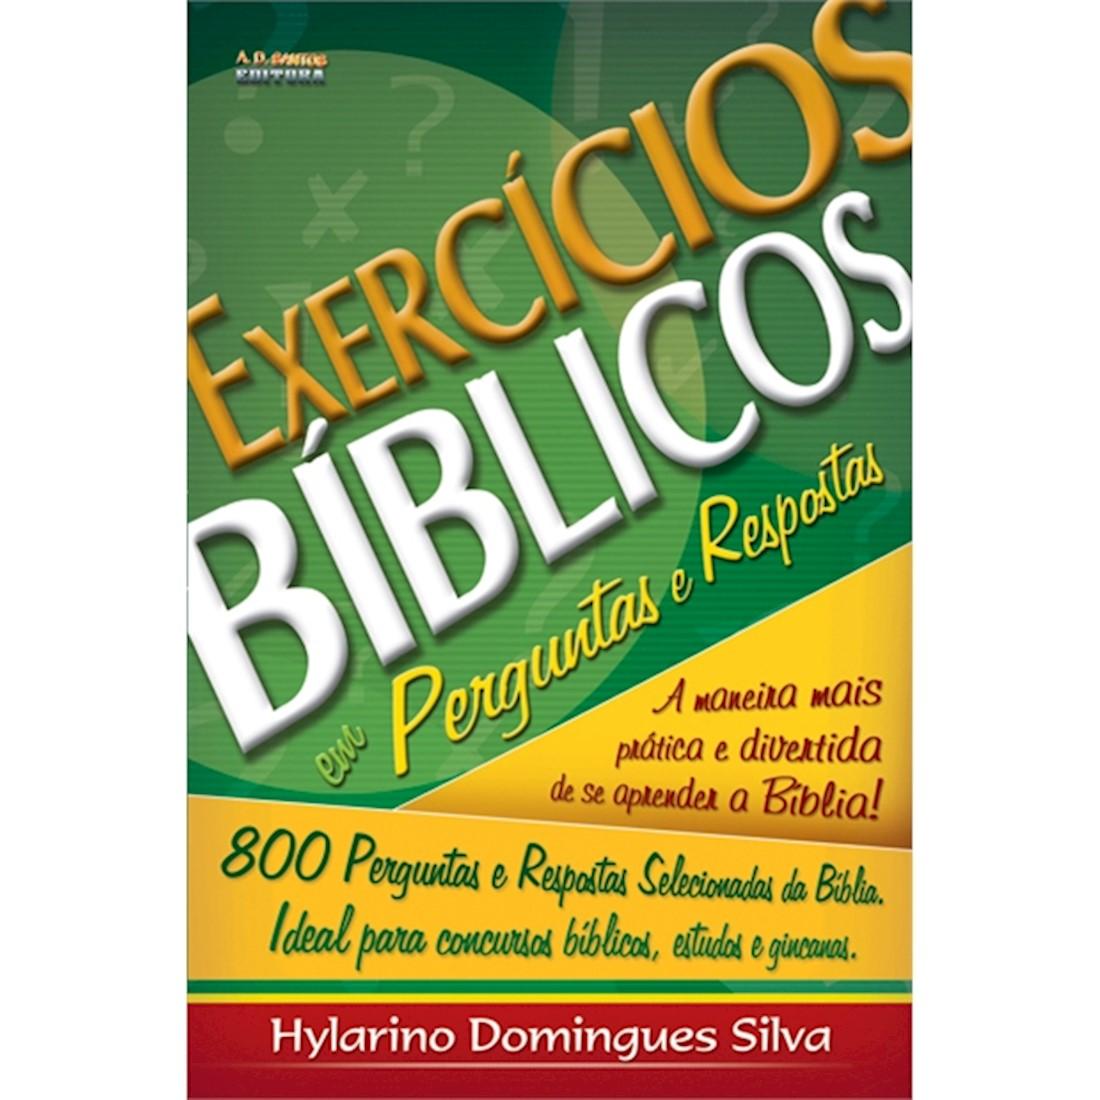 Livro Exercícios Bíblicos em Perguntas e Respostas